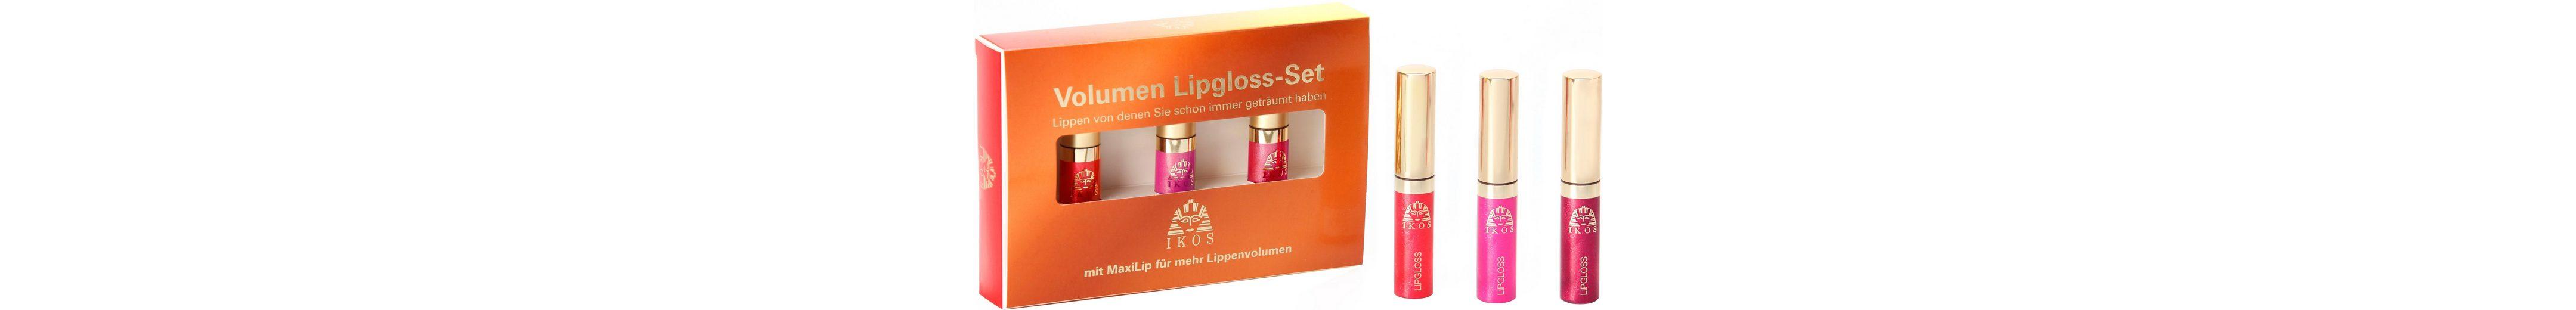 Ikos, »Volumen Lipgloss-Set«, Lipgloss mit 3D-Effekt